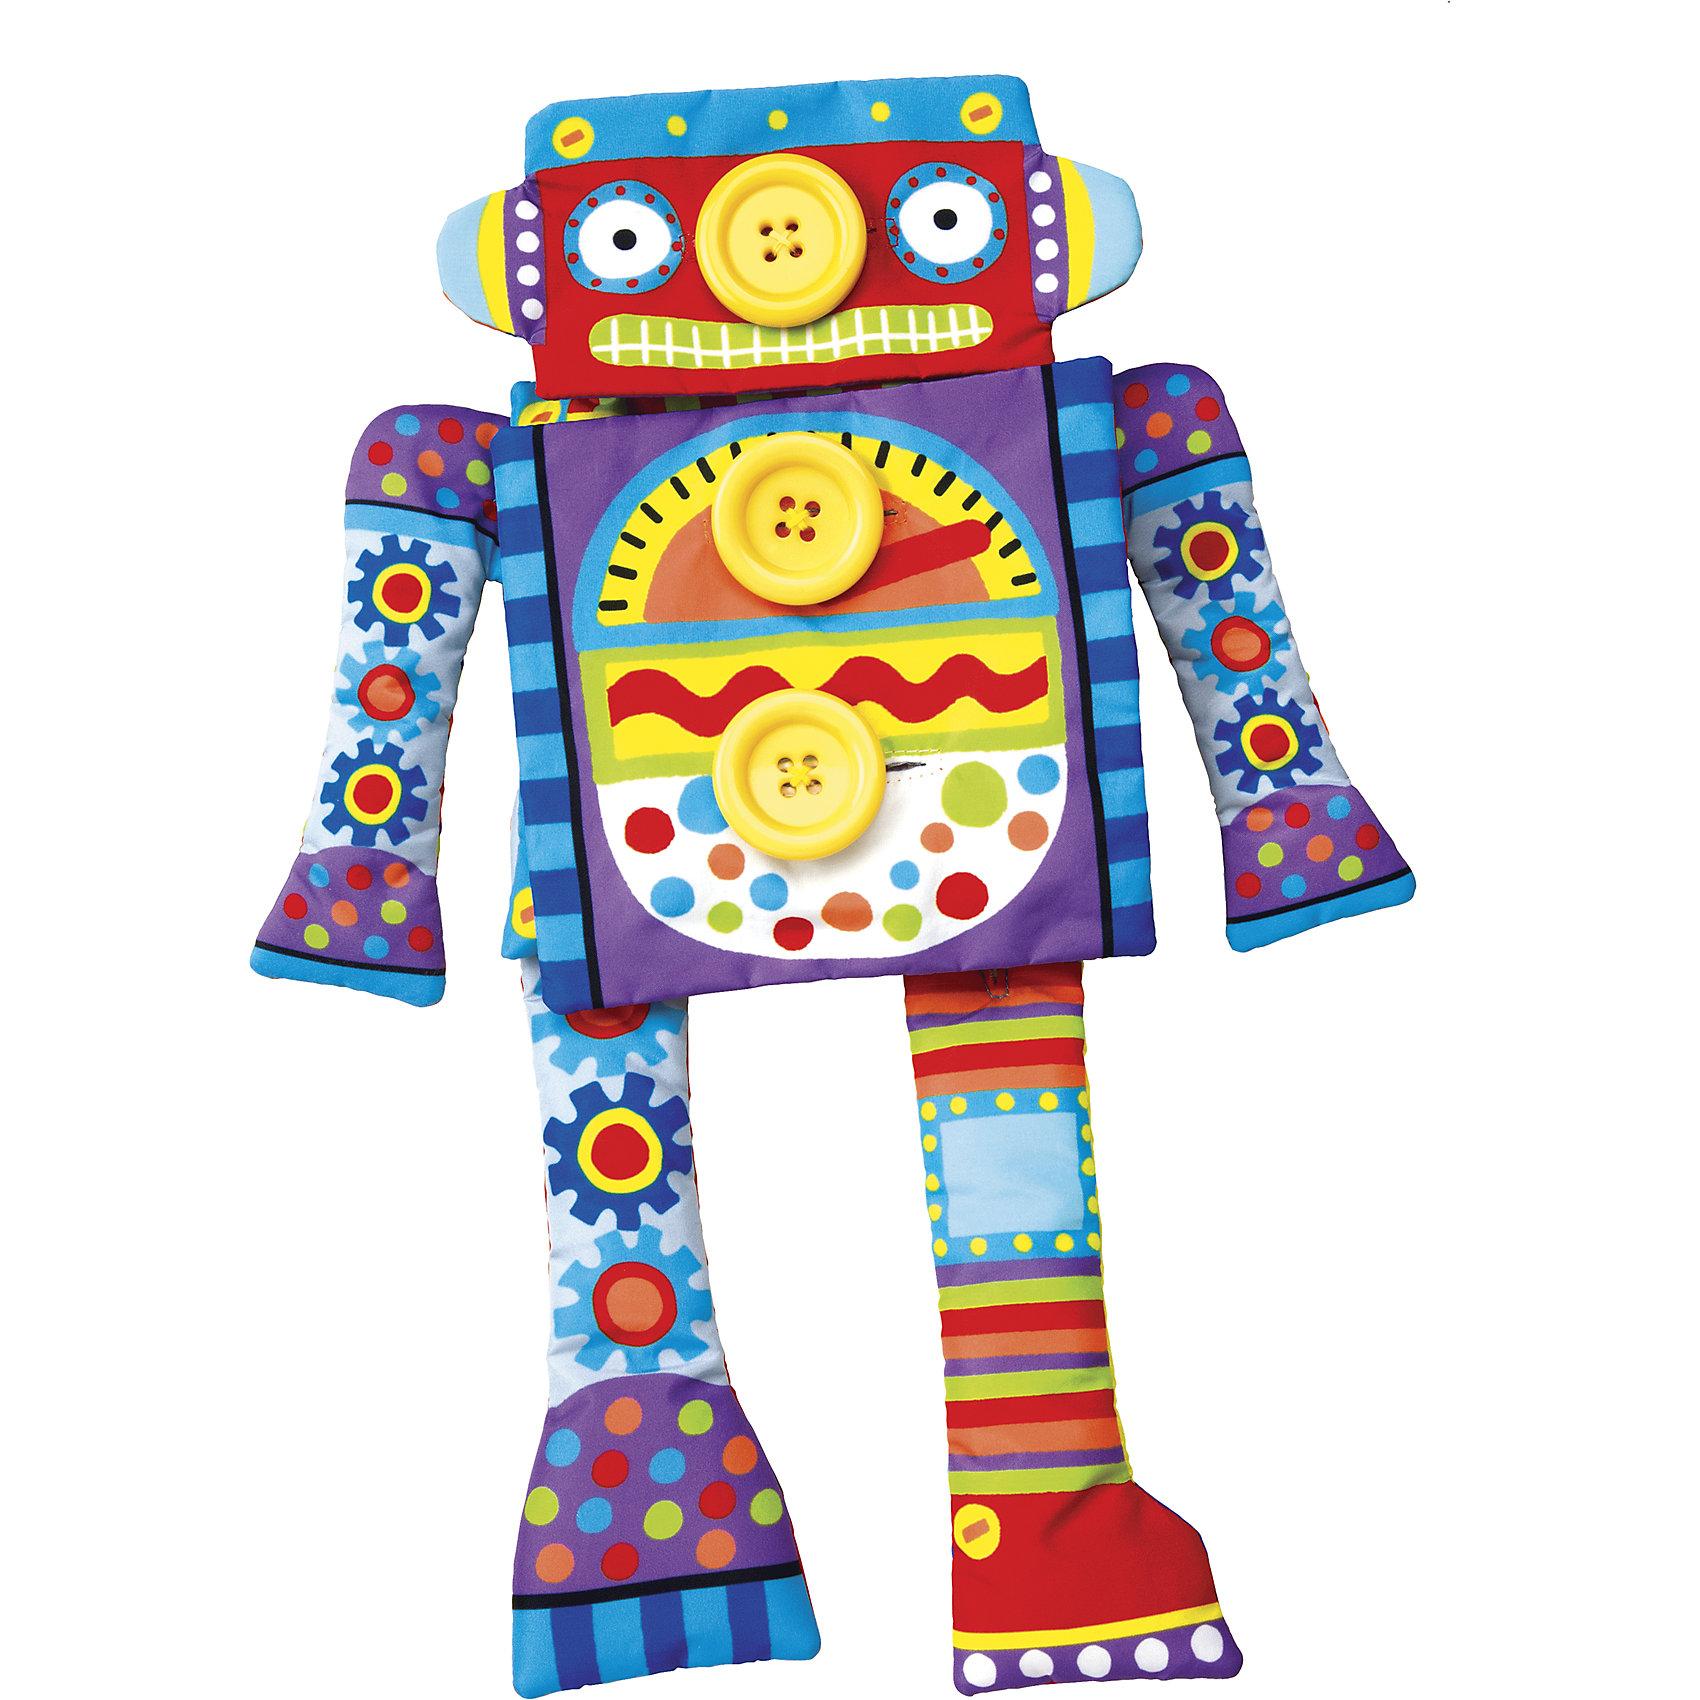 Развивающая игрушка Робот Пуговка, ALEXРазвивающие игрушки<br>Развивающая игрушка Робот Пуговка, ALEX (Алекс)<br><br>Характеристики:<br><br>• развивает мелкую моторику и фантазию<br>• размер робота: 38х16 см<br>• в комплекте: робот, сменные детали<br>• количество пуговиц: 8<br>• материал: пластик, текстиль<br>• размер упаковки: 35х21х6 см<br>• вес: 400 грамм<br><br>Веселый Робот Пуговка надолго привлечет внимание ребенка. На корпусе робота расположены 8 крупных пуговиц. К ним малыш сможет пристегнуть различные части, которые входят в комплект. Меняйте роботу руки, ноги и голову - увлекательная игра гарантирована! Игра с роботом поможет развить мелкую моторику и фантазию ребенка.<br><br>Развивающую игрушку Робот Пуговка, ALEX (Алекс) вы можете купить в нашем интернет-магазине.<br><br>Ширина мм: 380<br>Глубина мм: 335<br>Высота мм: 230<br>Вес г: 1652<br>Возраст от месяцев: 24<br>Возраст до месяцев: 2147483647<br>Пол: Унисекс<br>Возраст: Детский<br>SKU: 5503274